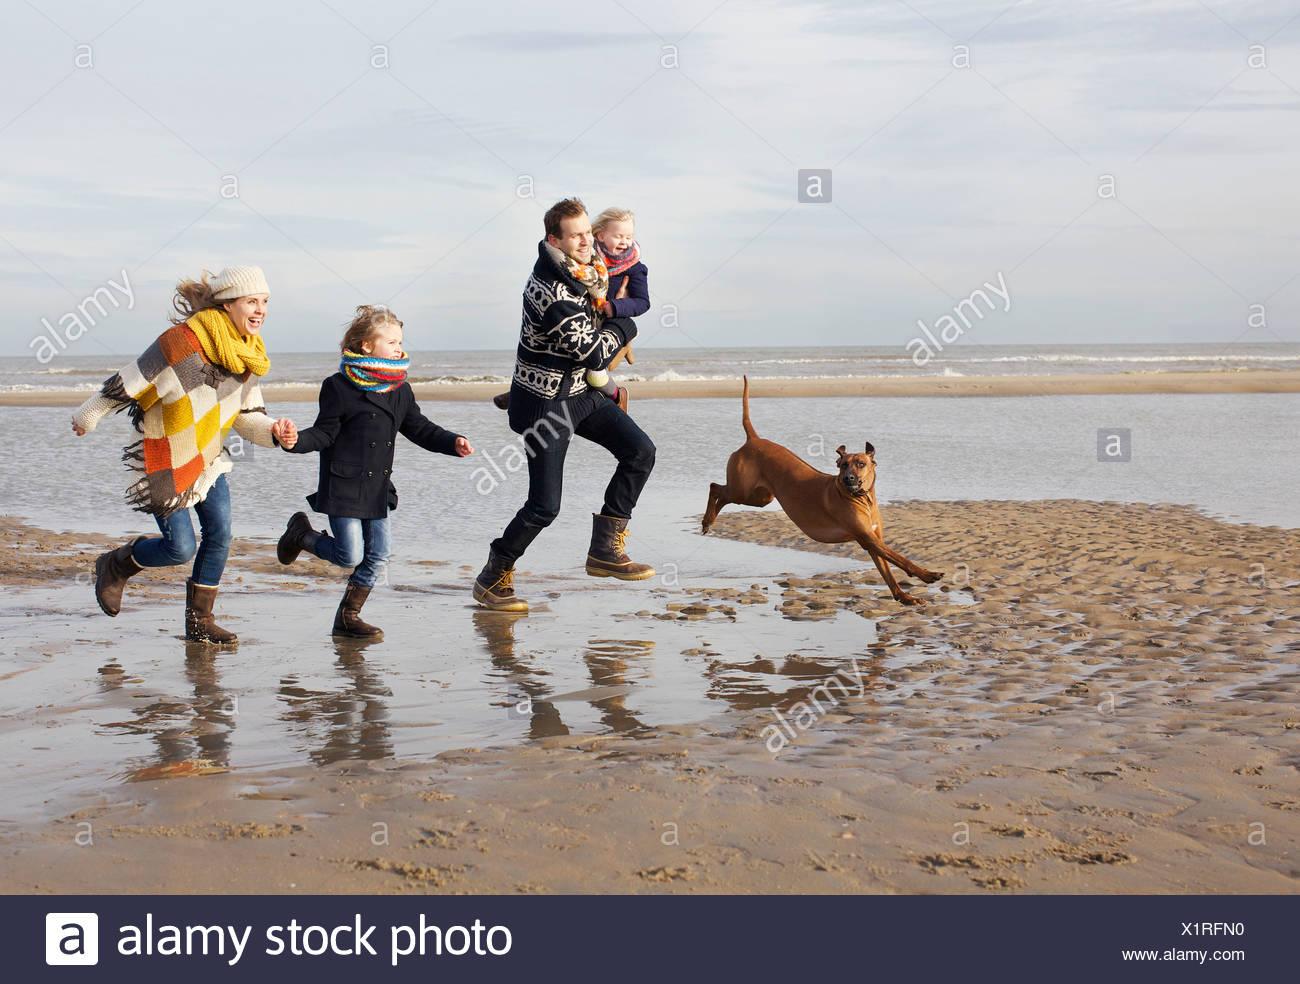 Mid adult parents avec son fils, sa fille et le chien qui court sur la plage, Bloemendaal aan Zee, Pays-Bas Banque D'Images